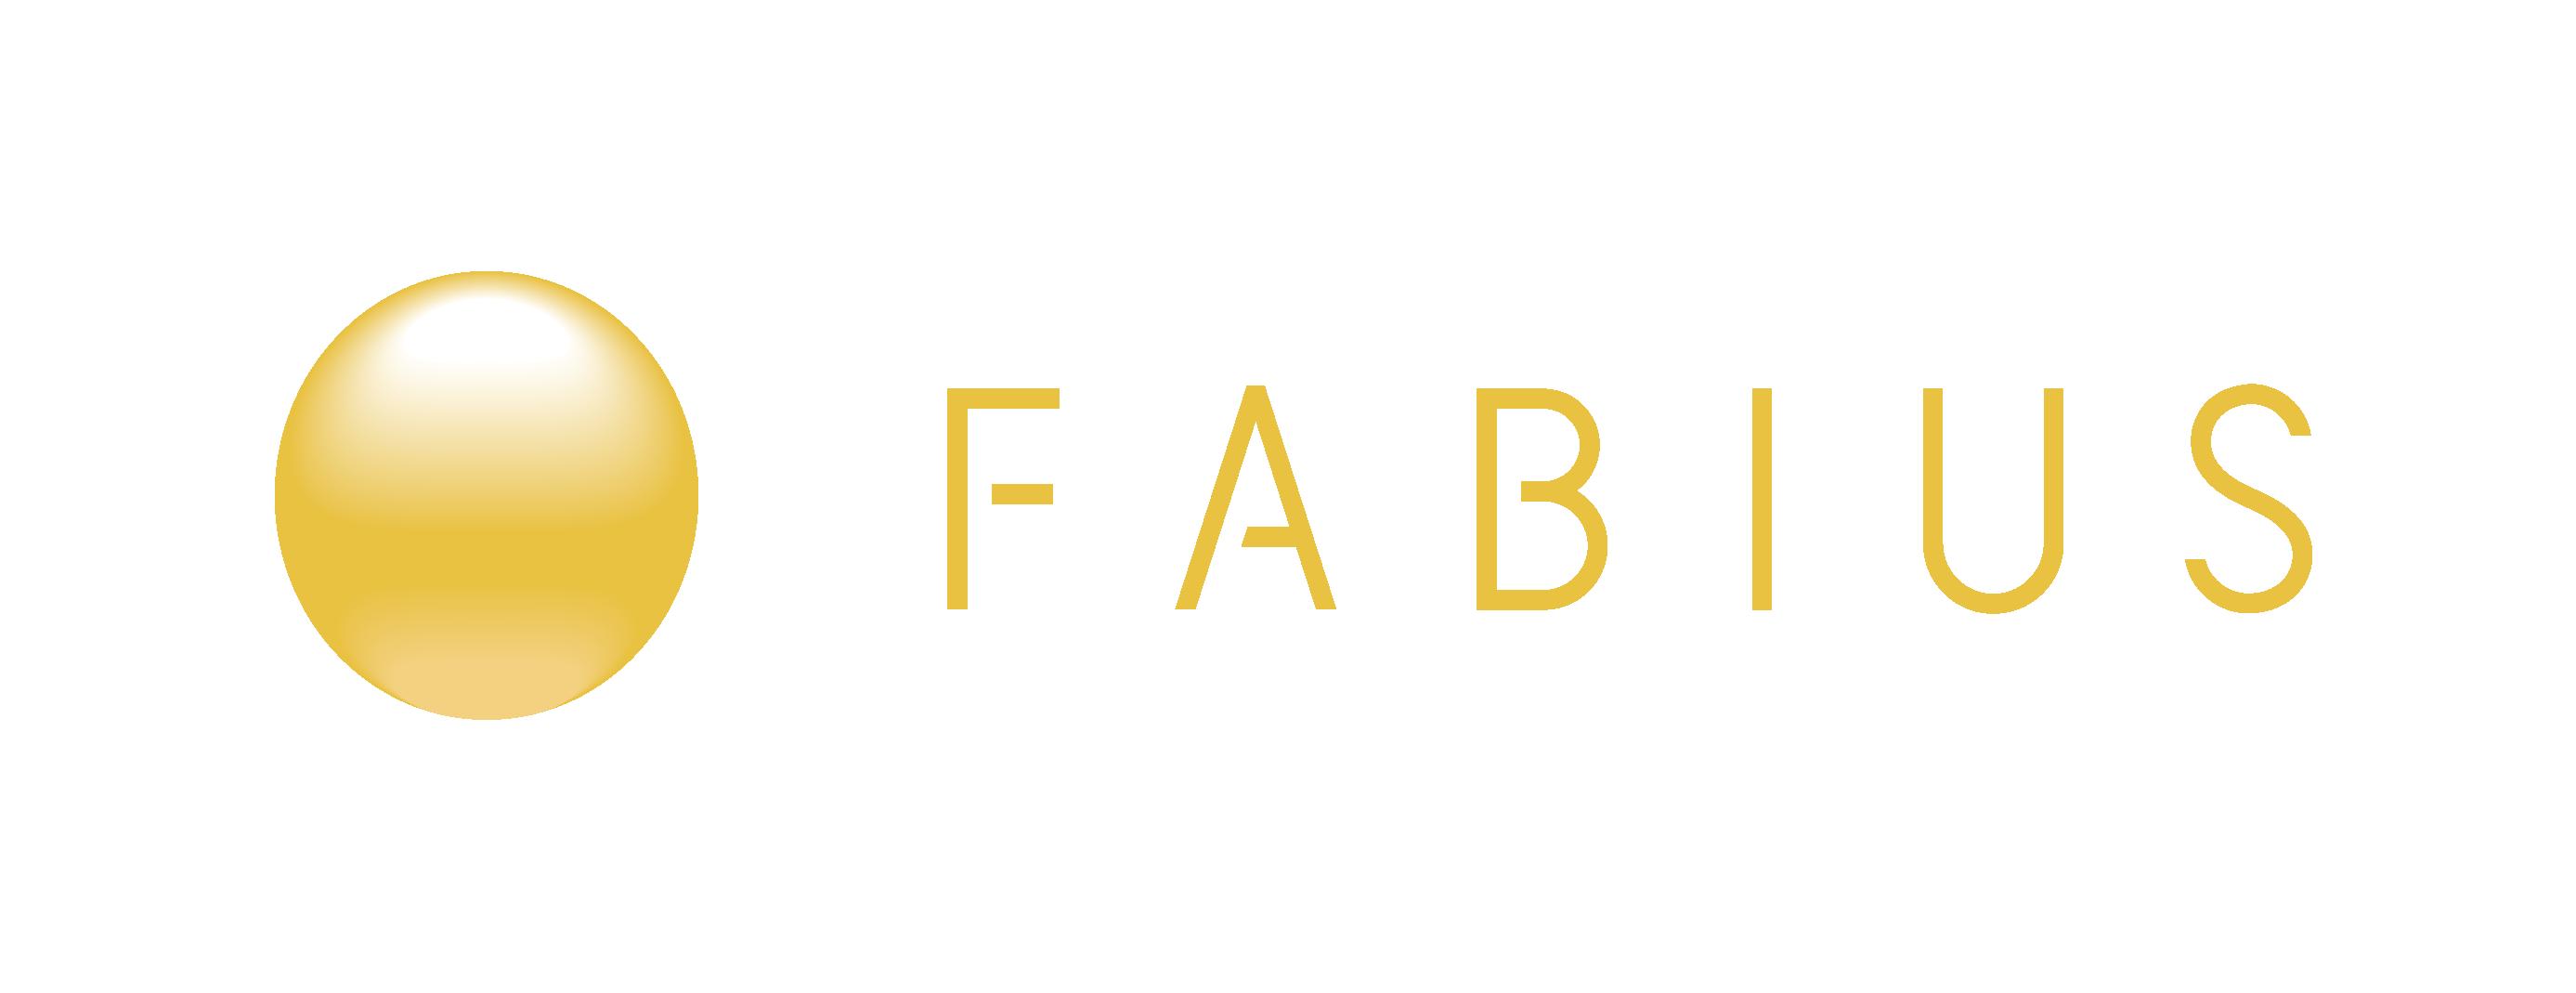 FABIUS_ロゴ